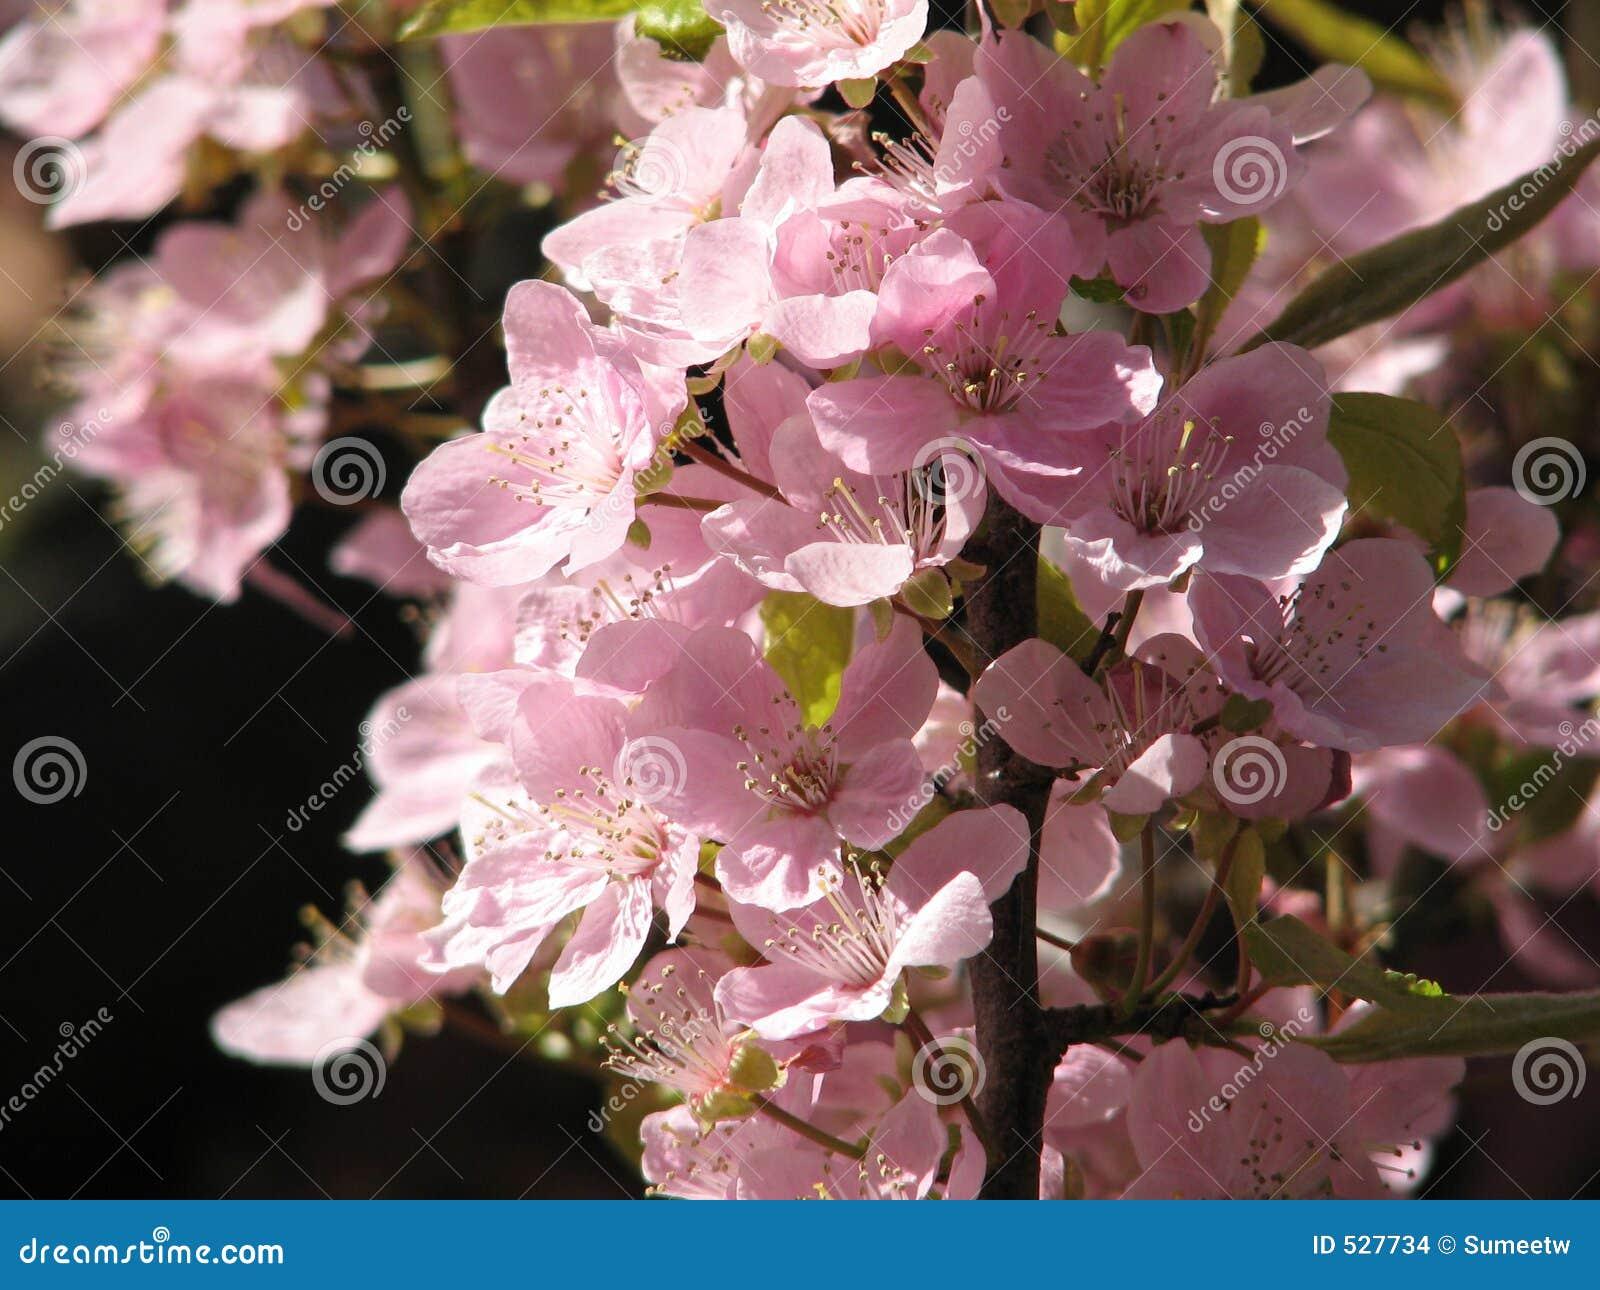 Download 开花加拿大樱桃 库存照片. 图片 包括有 britney, 维多利亚, 粉红色, 天空, 哥伦比亚, 本质, 加拿大 - 527734